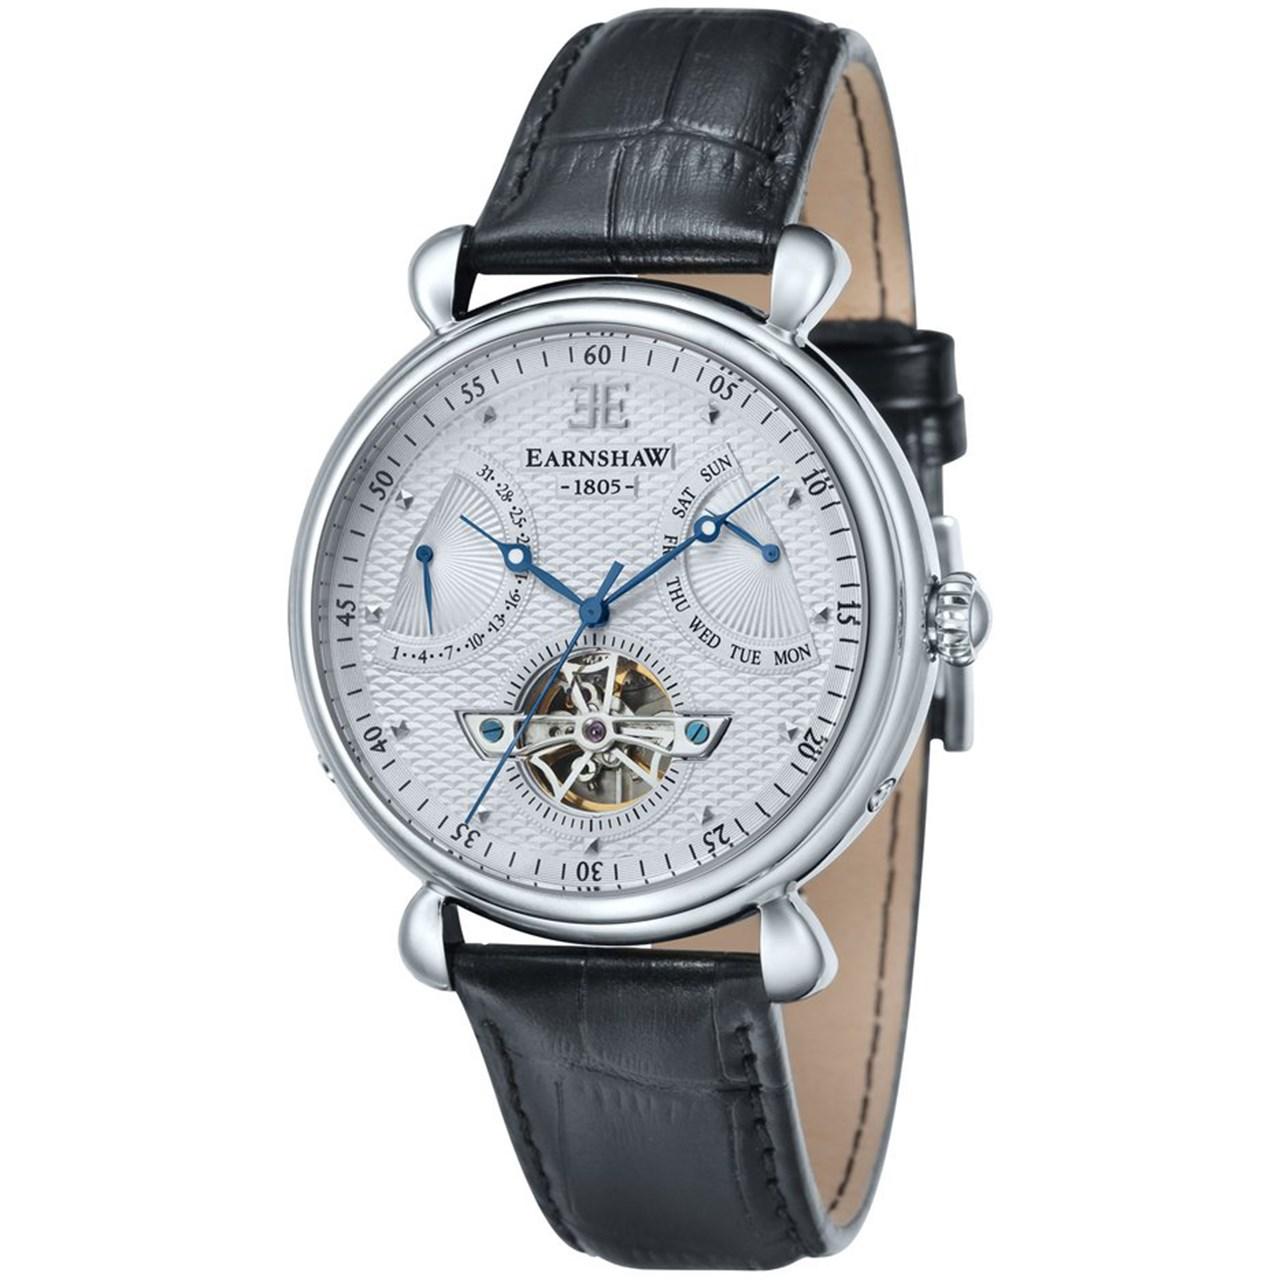 ساعت مچی عقربه ای مردانه ارنشا مدل ES-8046-02 47